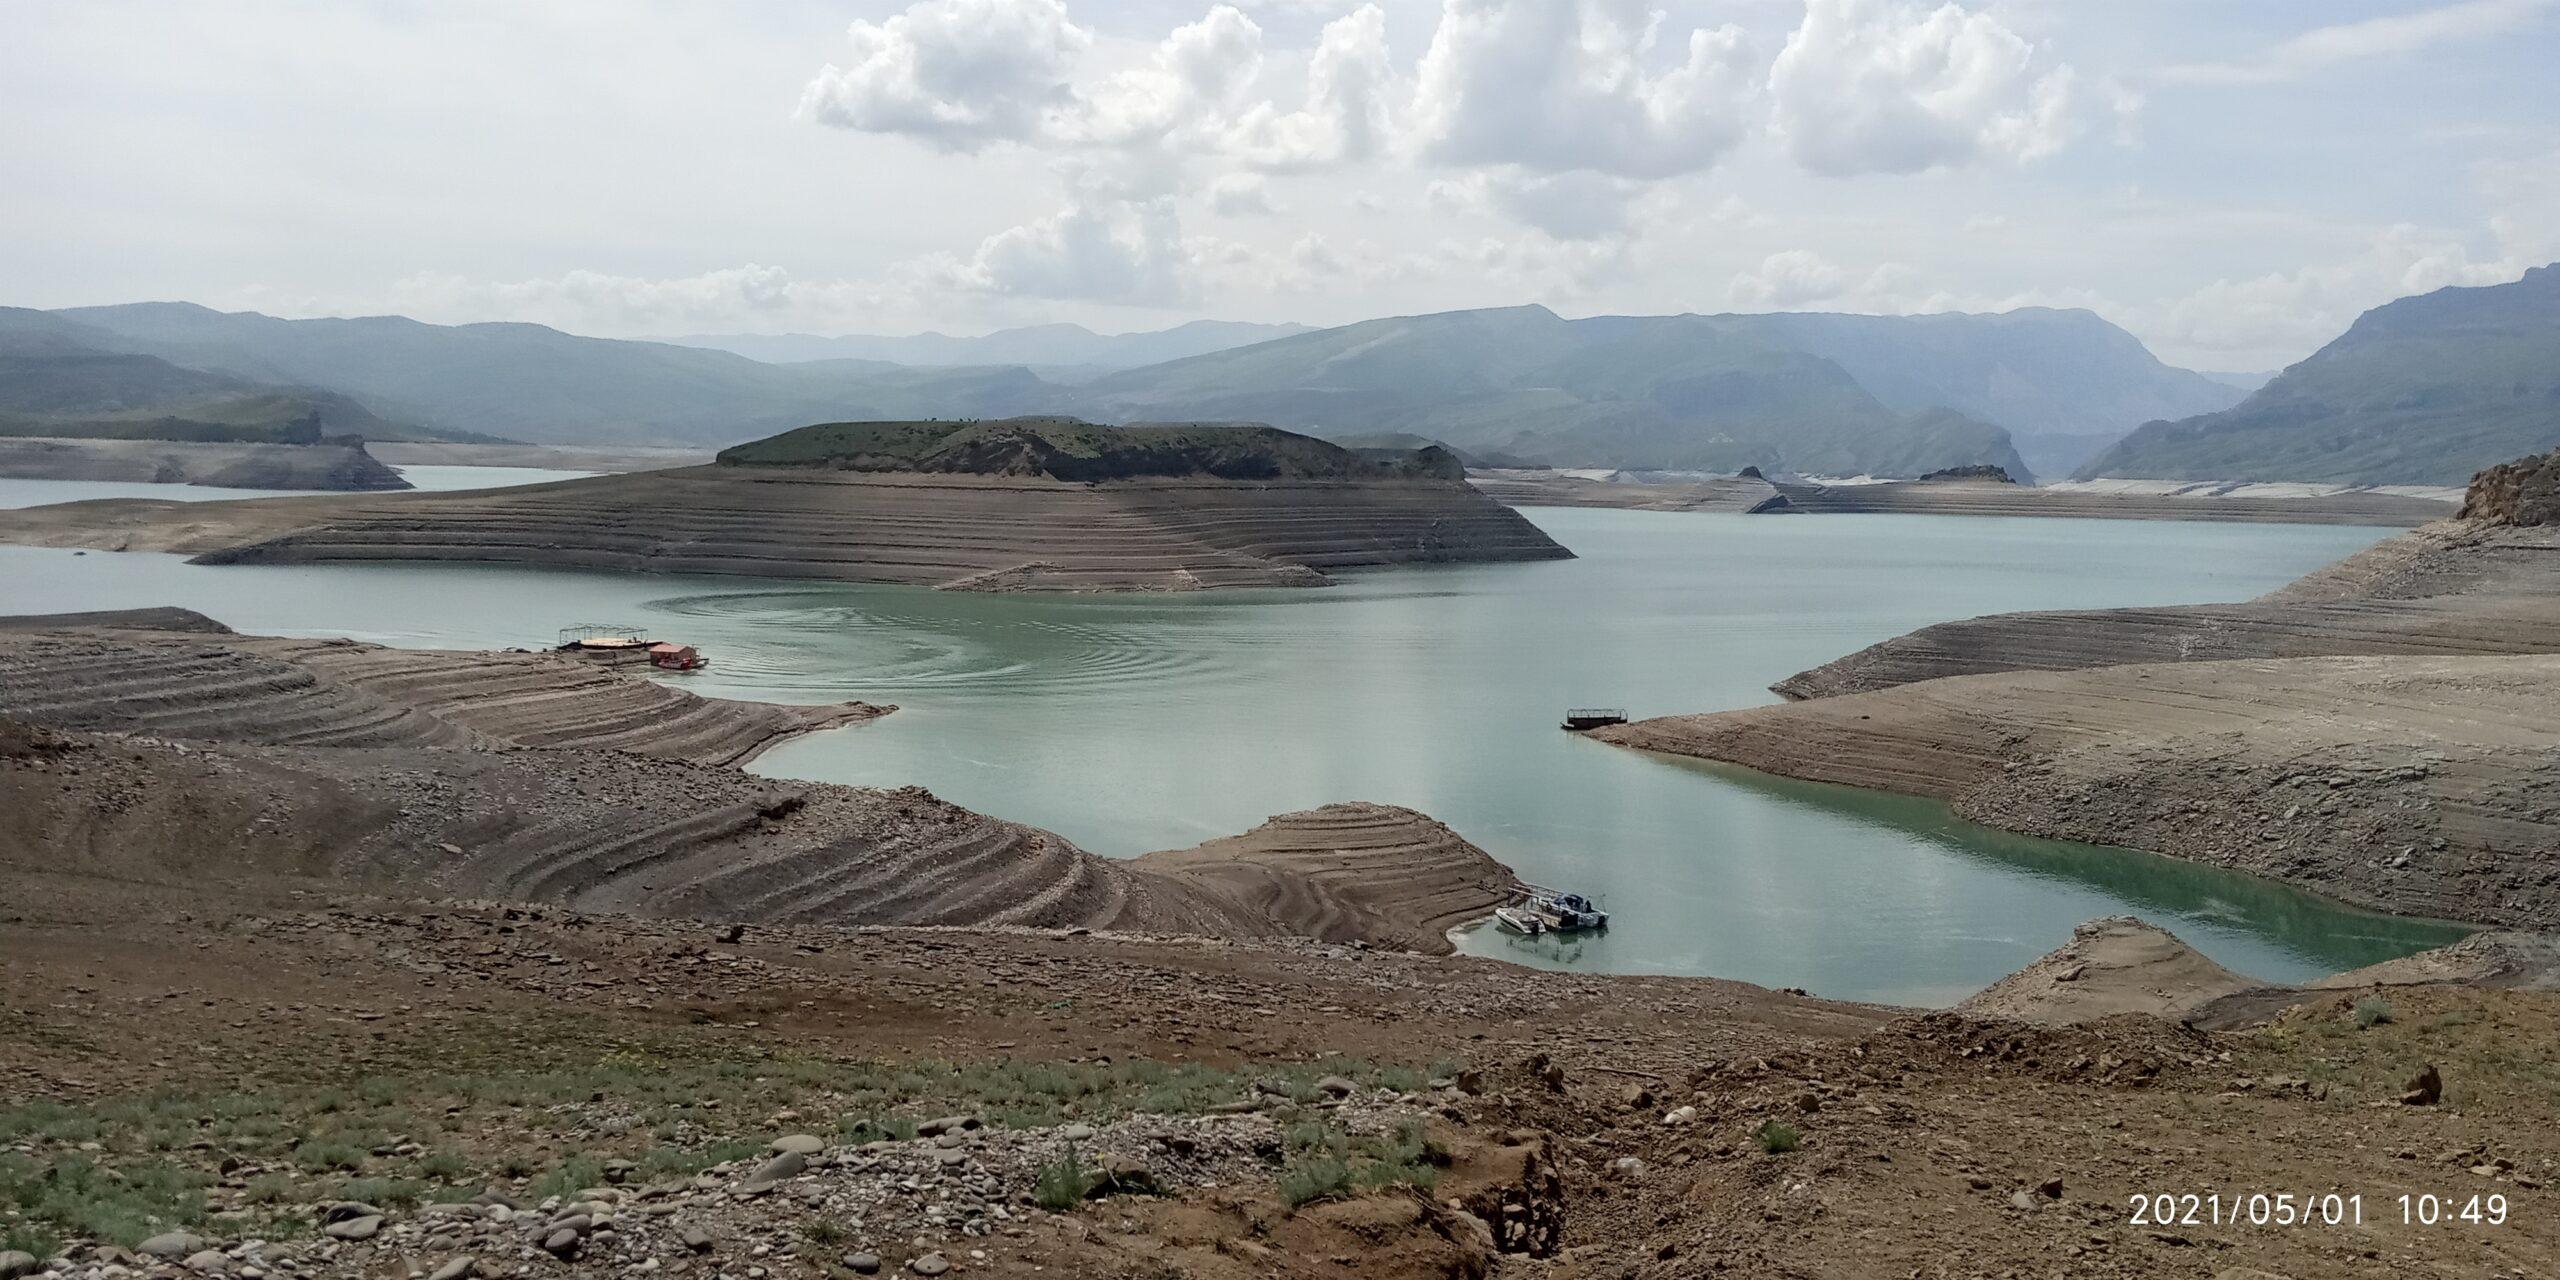 Сулакский каньон, бархан Сары — Кум и огромное количество восторга!